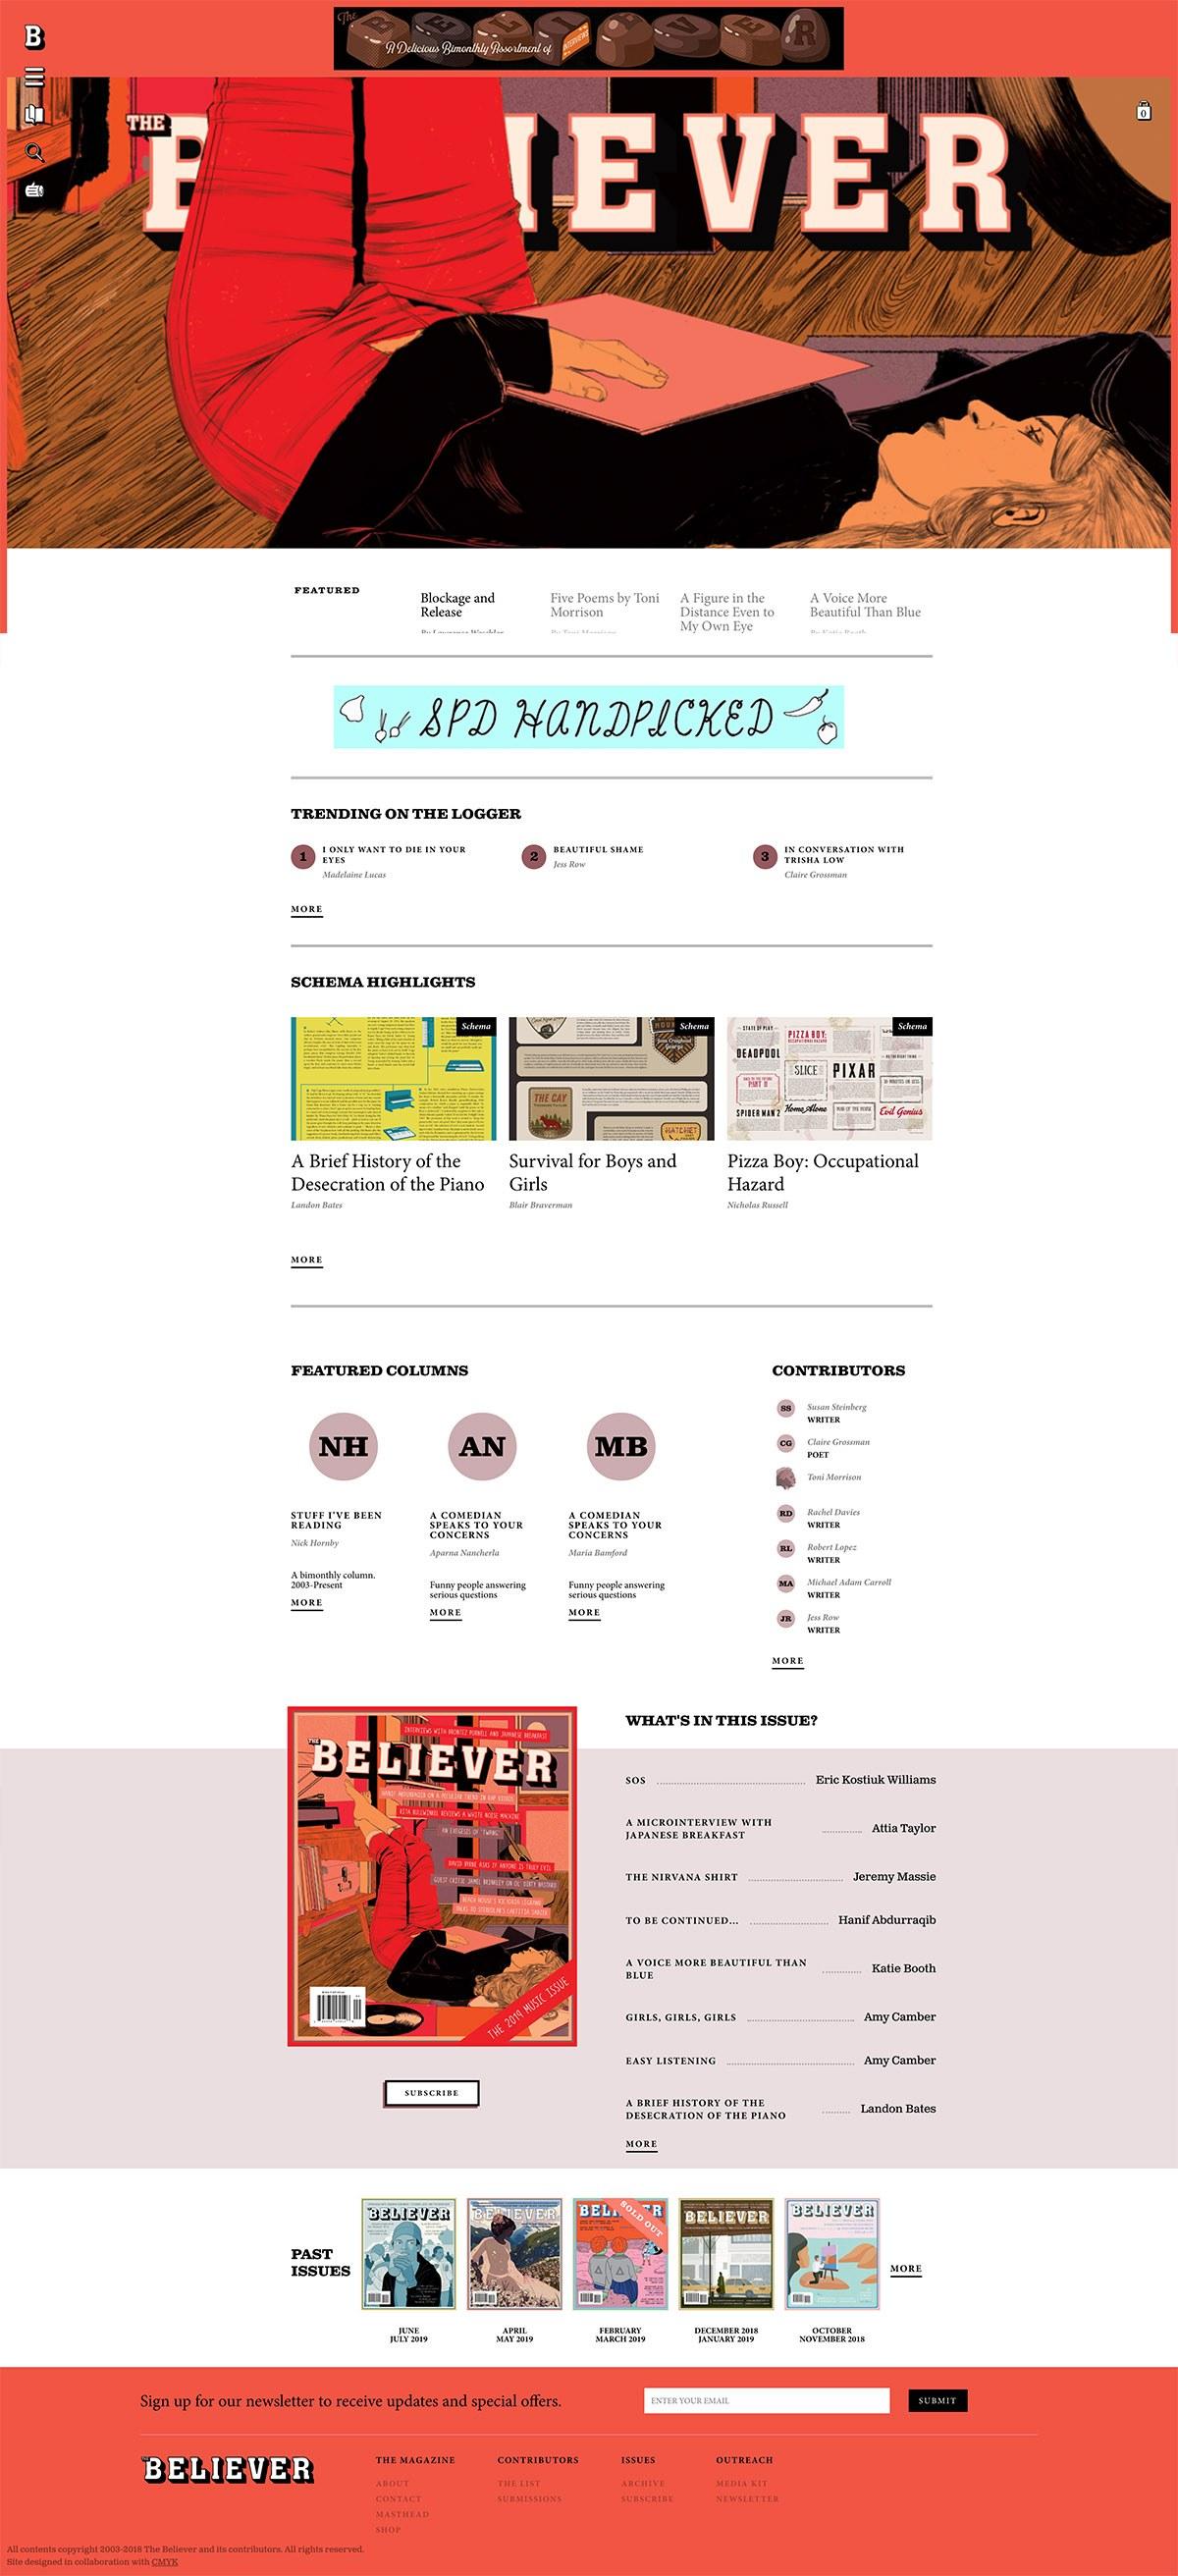 eCommerce website: Believer